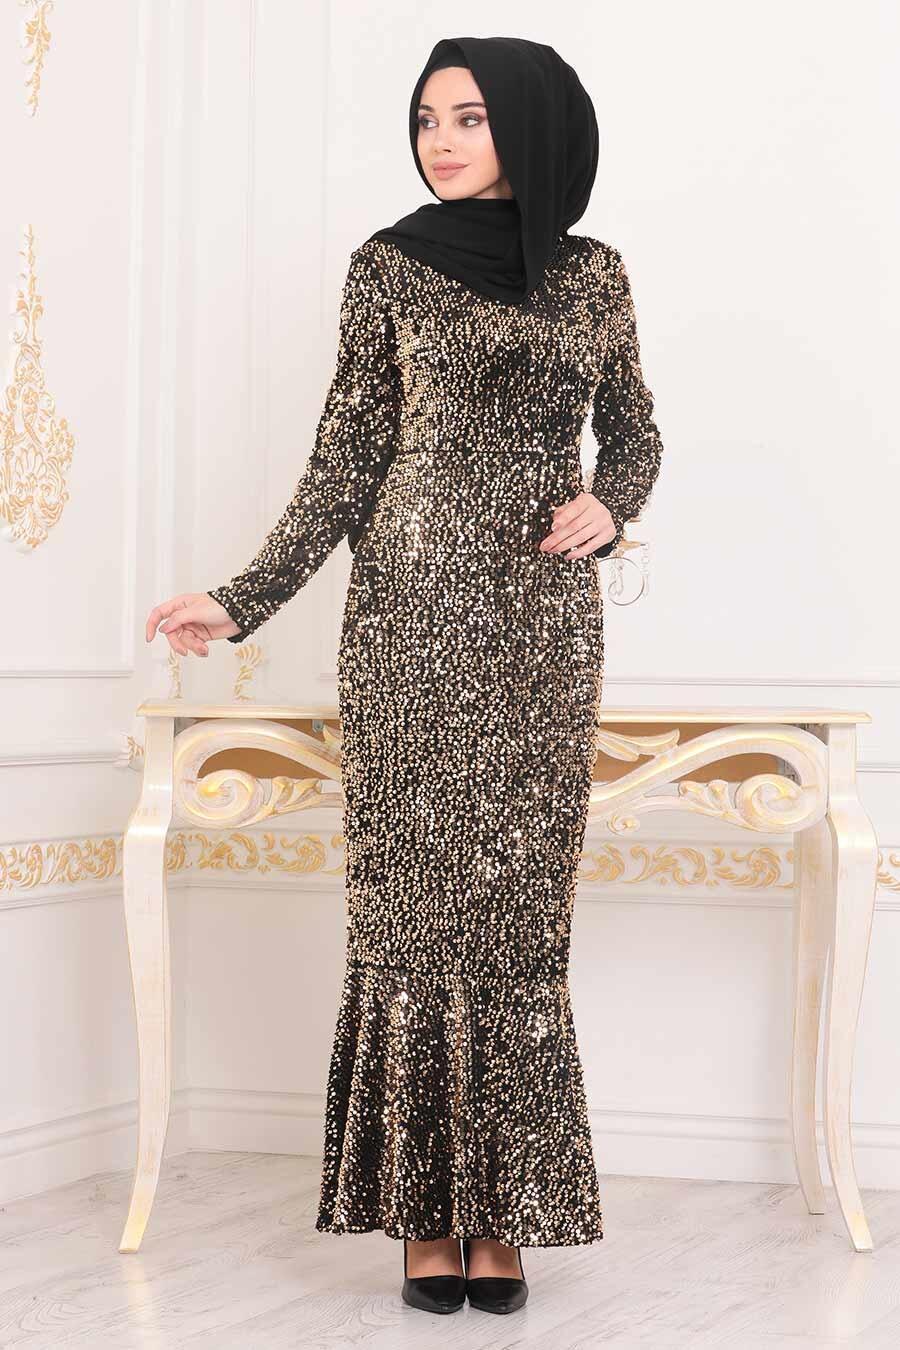 Tesettürlü Abiye Elbise - Balık Model Gold Tesettür Abiye Elbise 8742GOLD